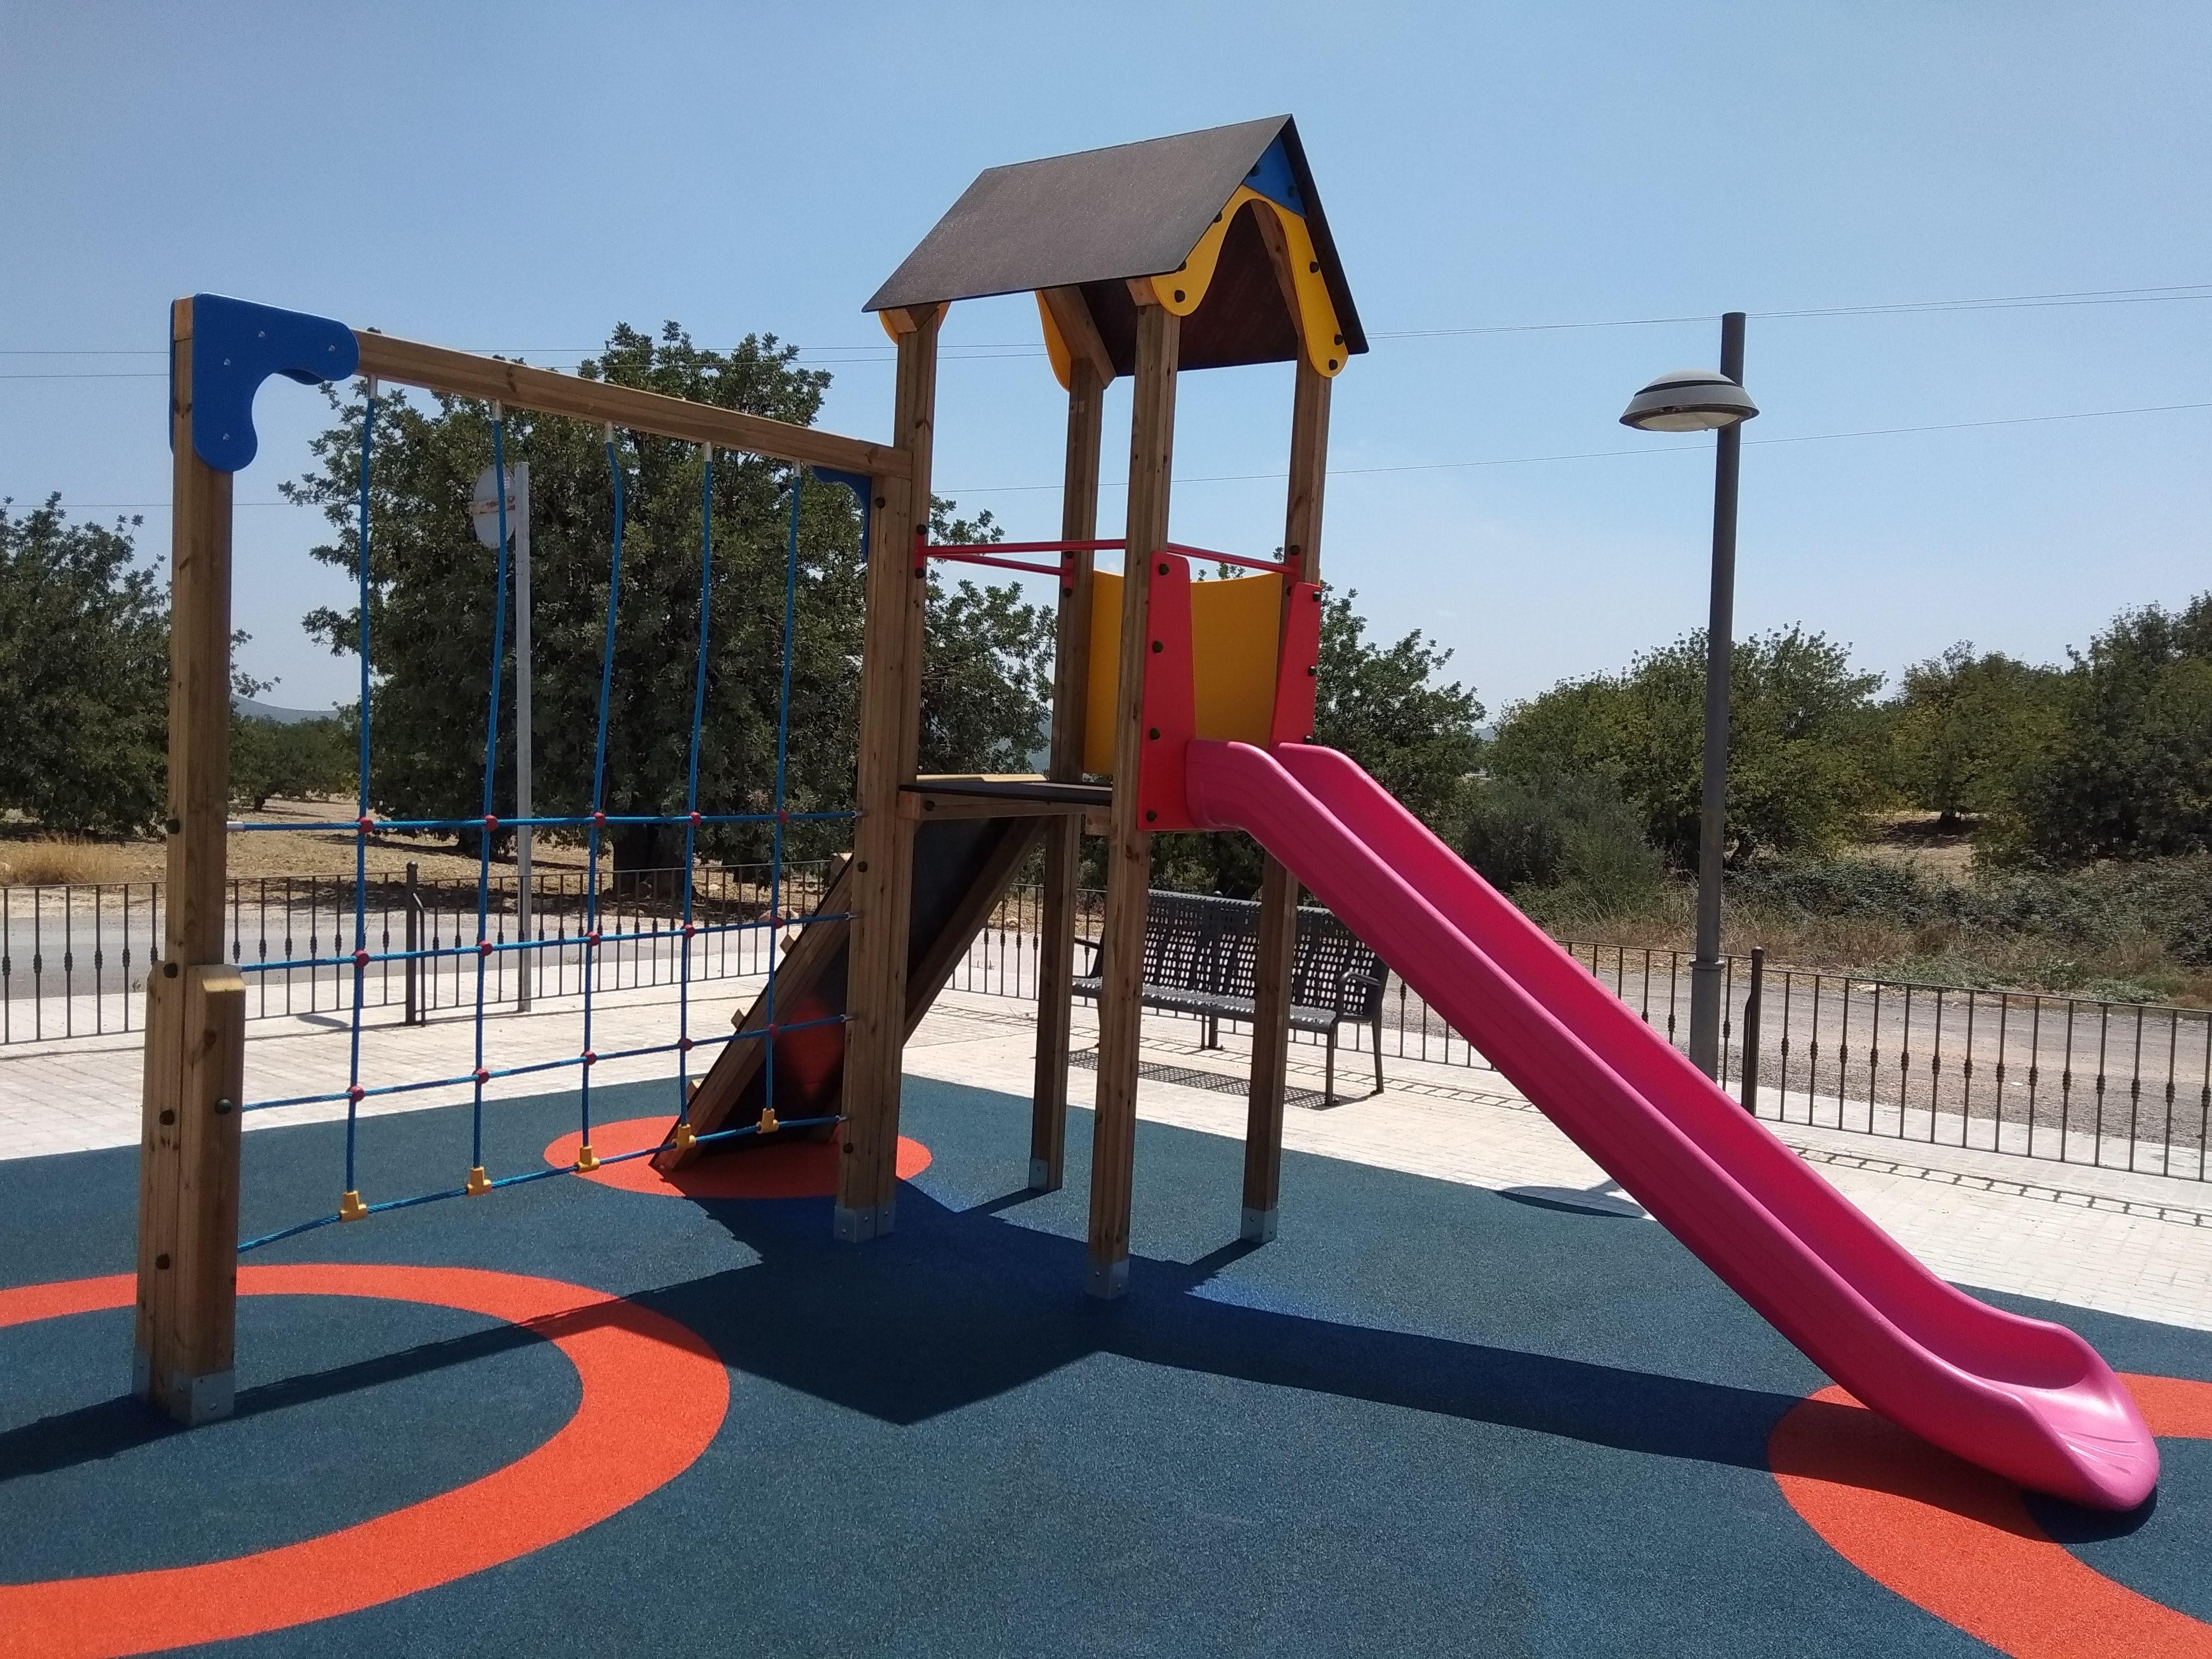 """Ahora todos los niños y niñas del pueblo pueden jugar en un espacio de ocio totalmente renovado, seguro y cómodo""""."""